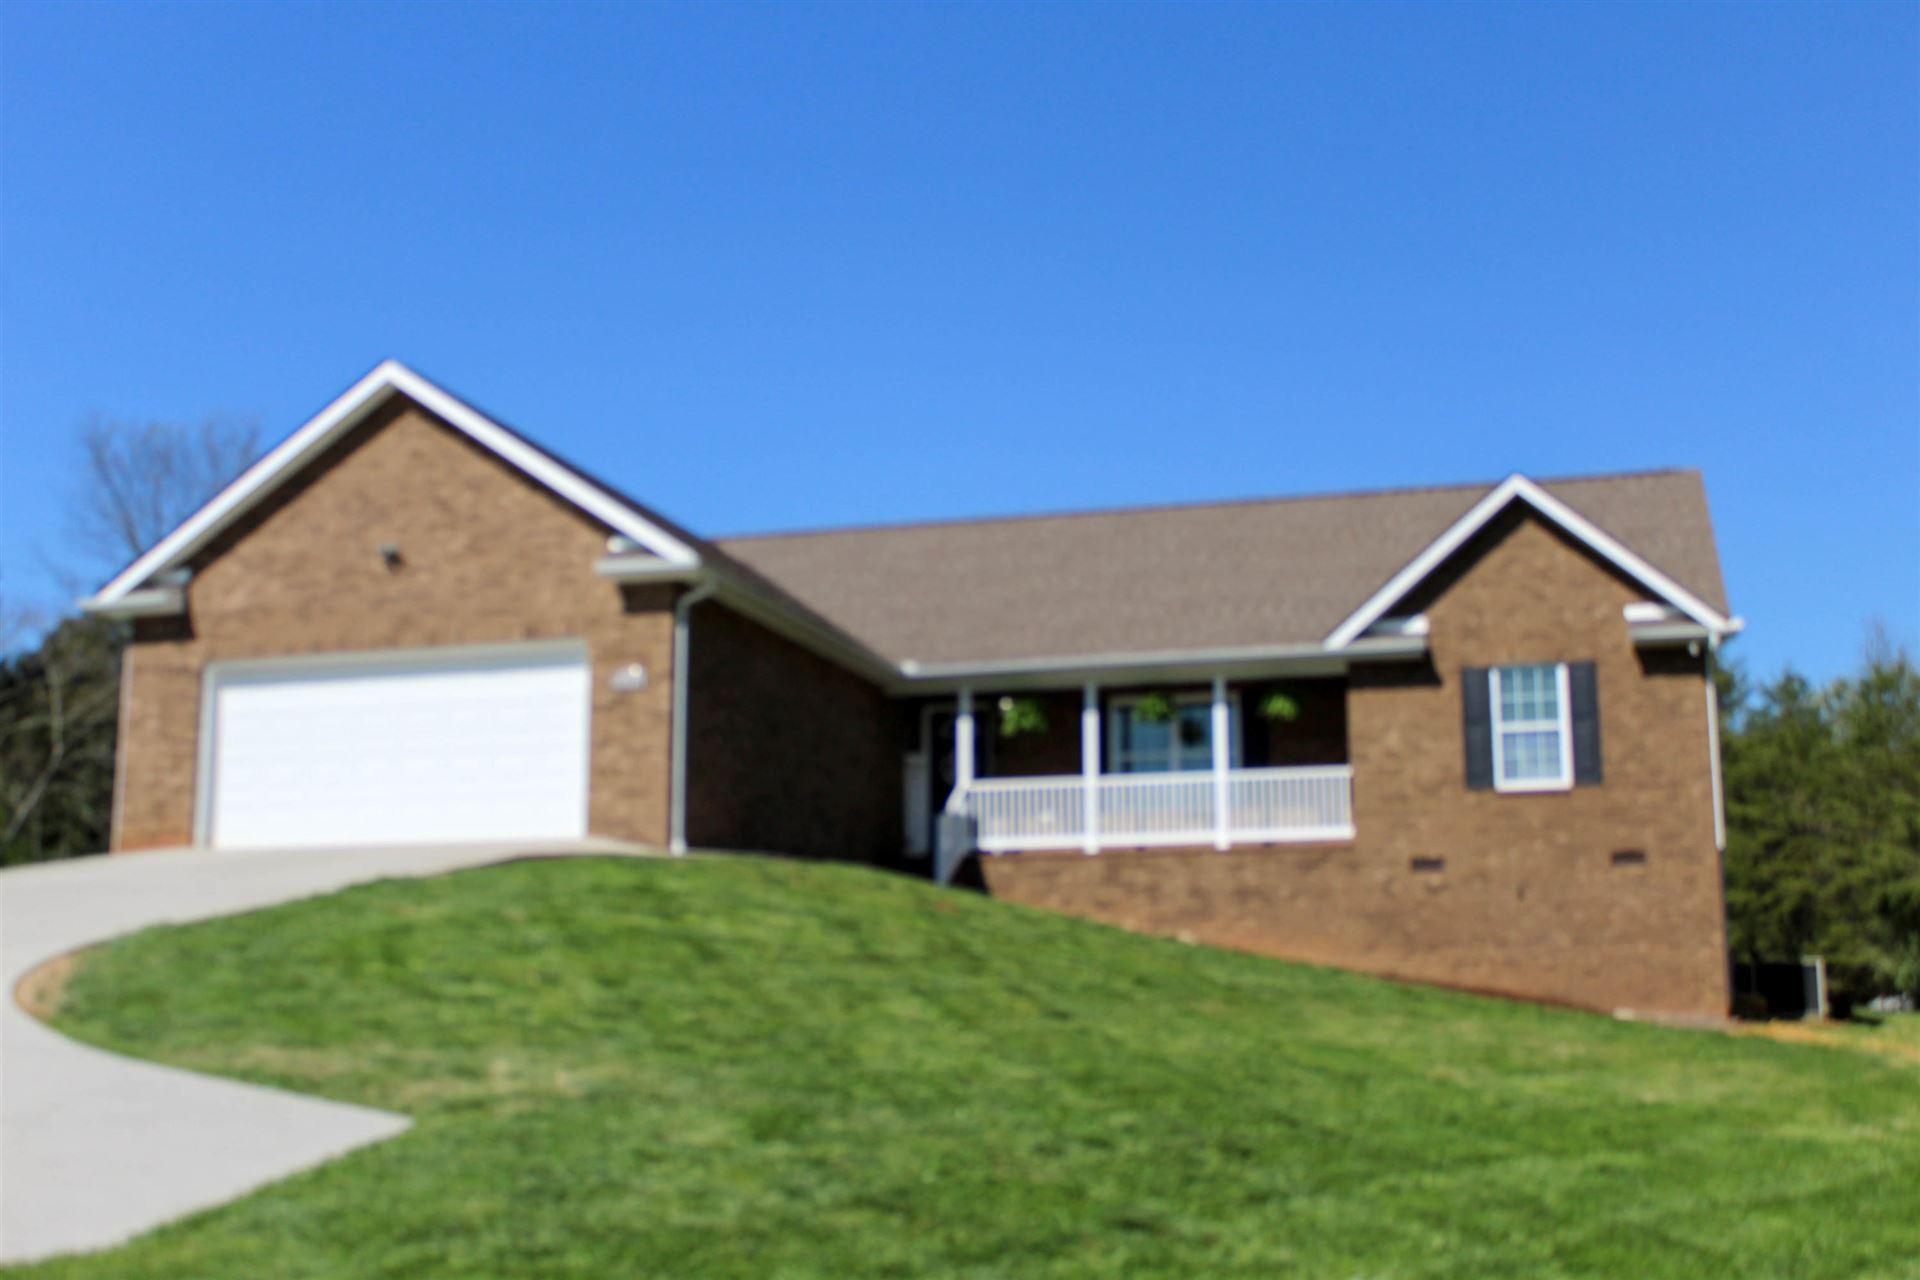 Photo of 1316 Tomahawk Drive, Maryville, TN 37803 (MLS # 1149493)